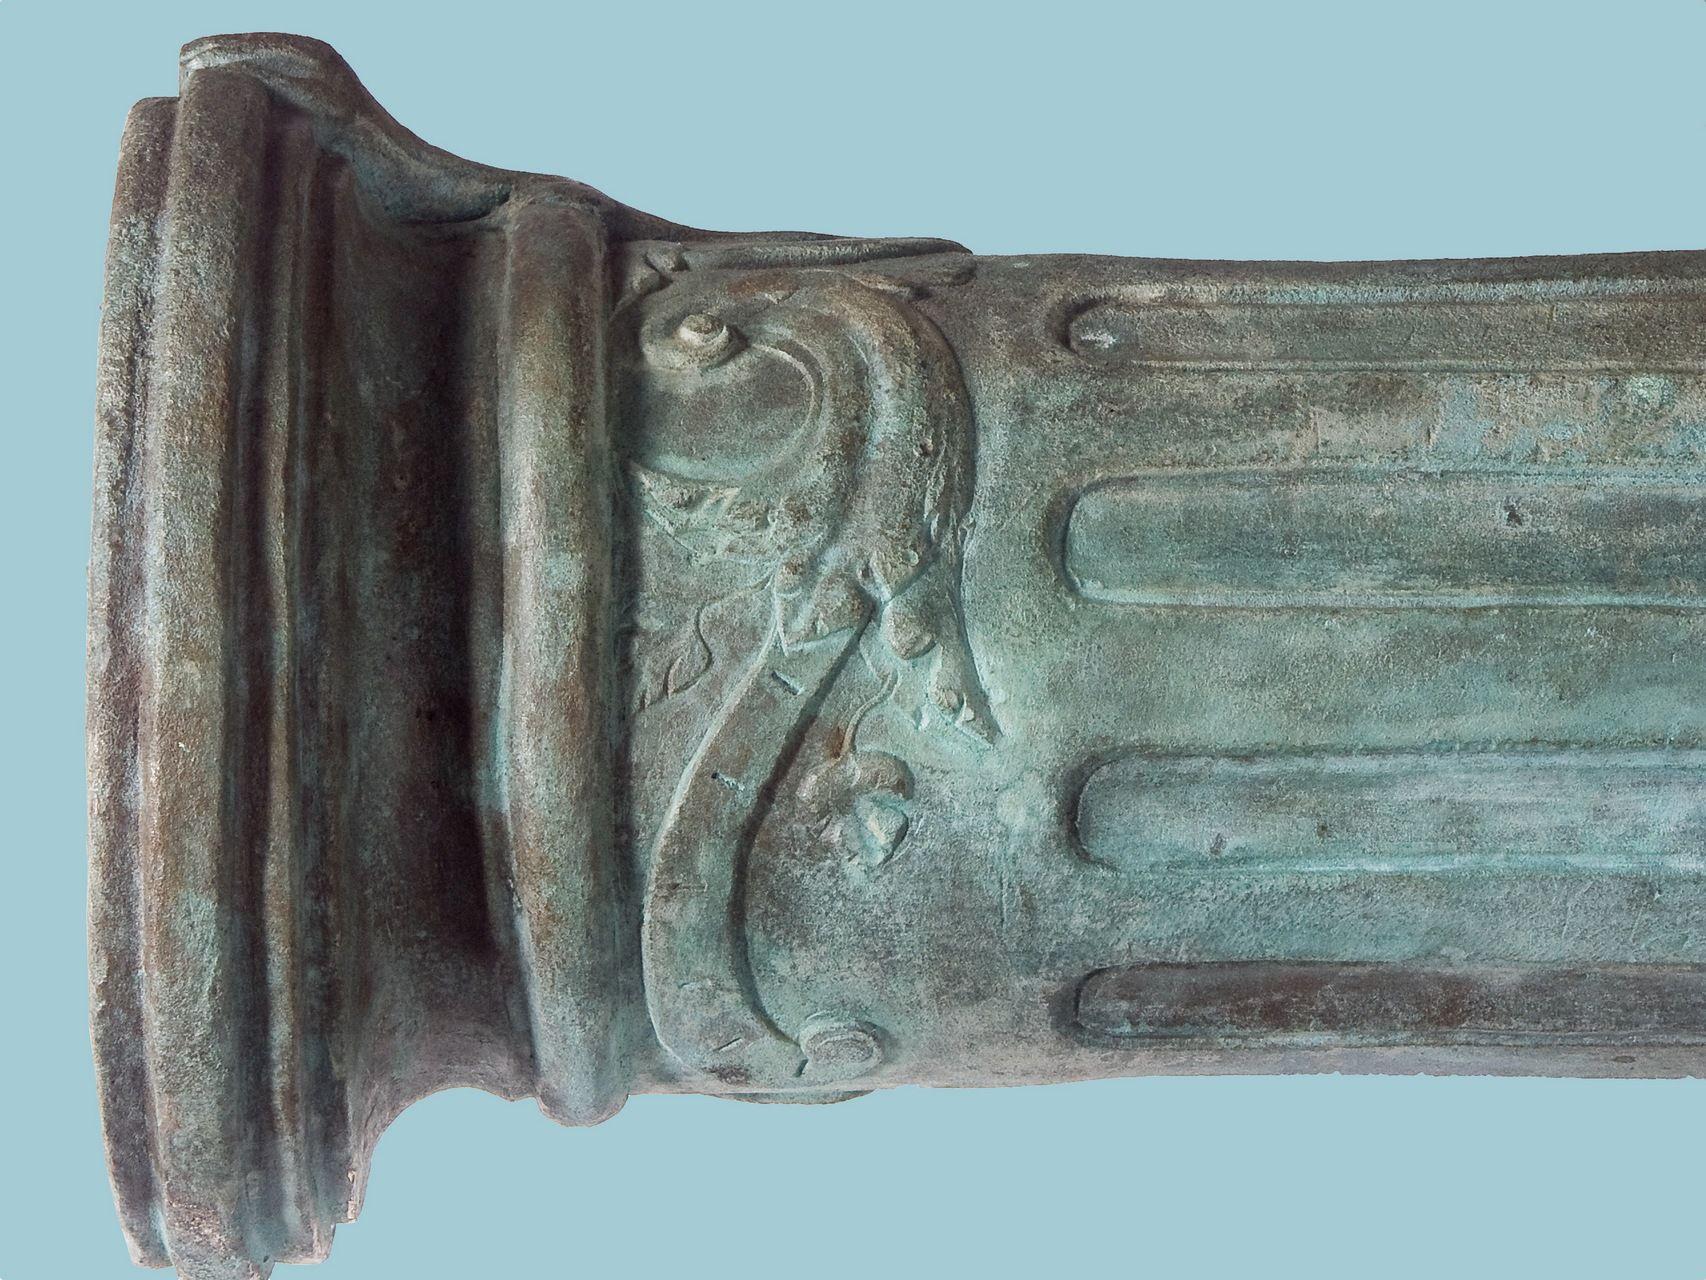 Vuurmond van het bronzen Renaissance-kanon met een salamander als vizierkorrel (Foto RCE, Amersfoort).